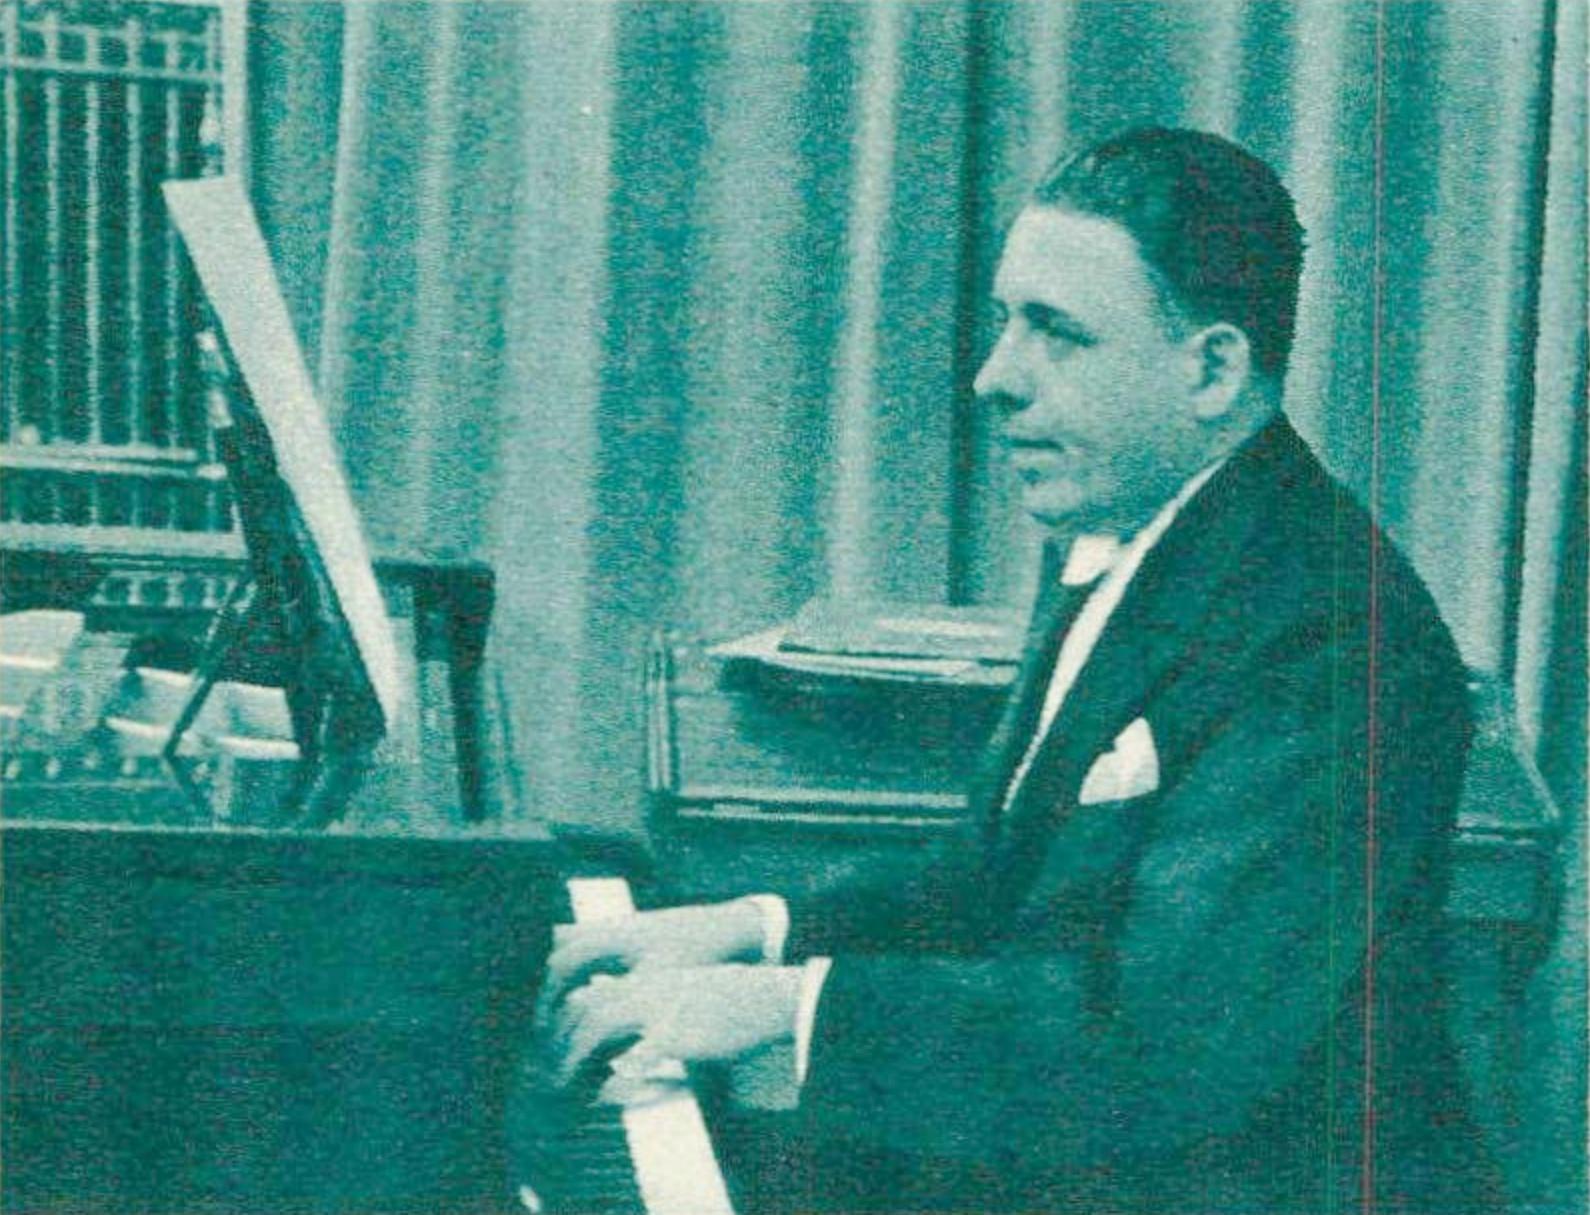 Francis POULENC en ??, D.R., photographié par Helios, lieu ??, une photo publiée entre autres dans Le Radio du 8 novembre 1935, No 657, page 2126